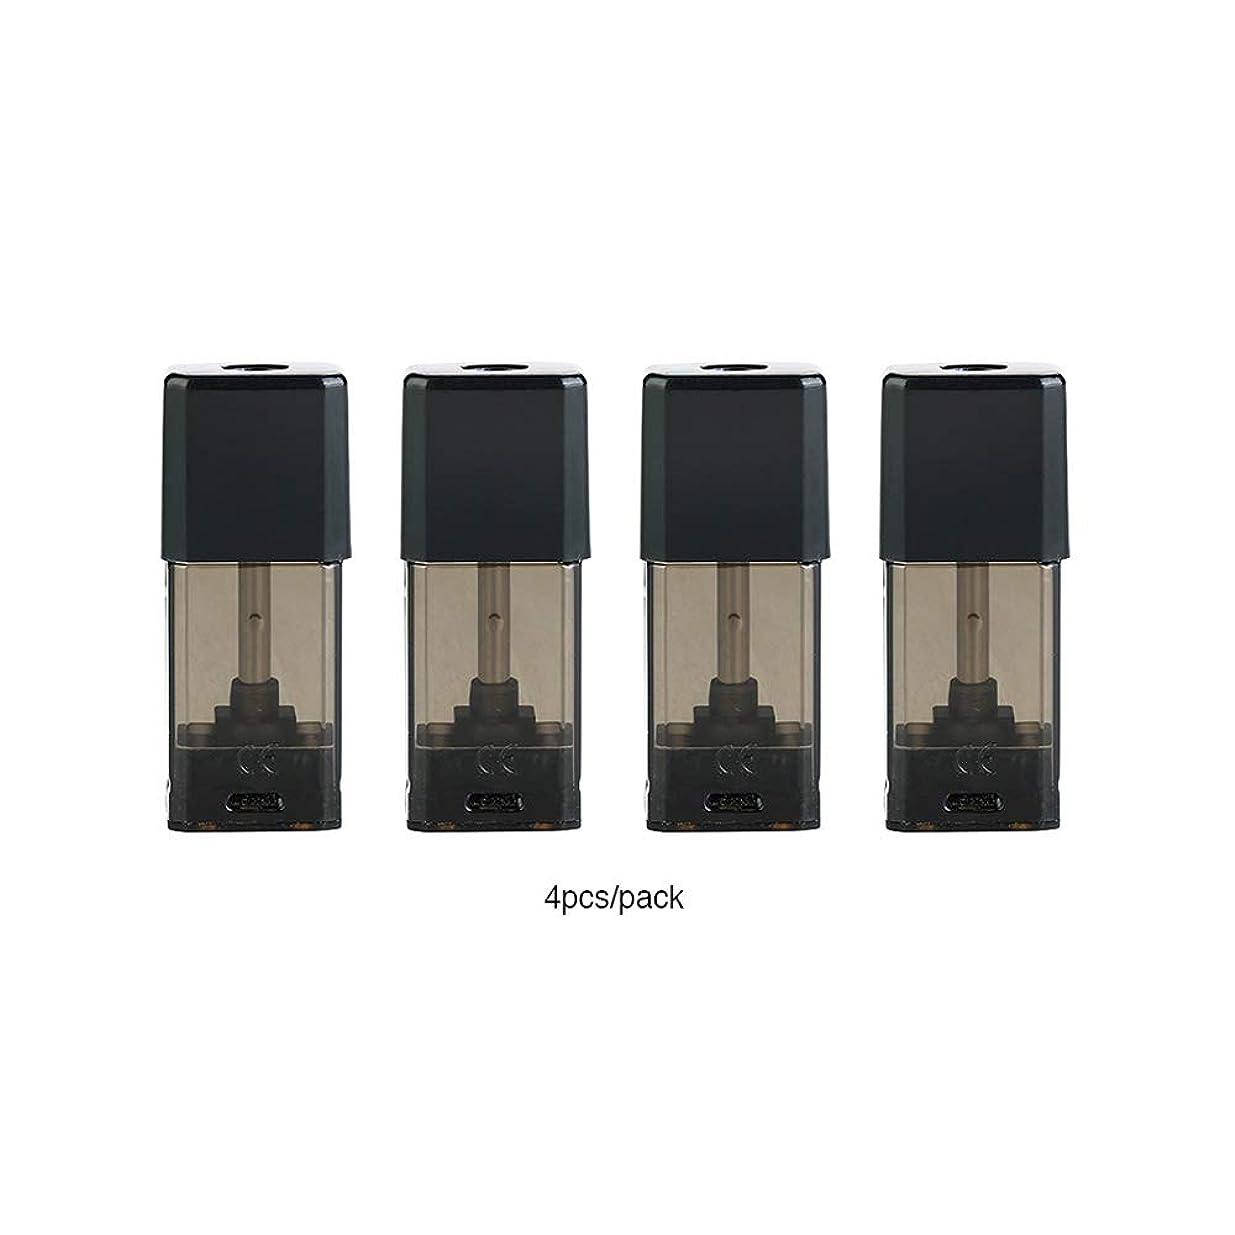 自己もっともらしいモールAuthentic VOOPOO DRAG Nano Pod Cartridge 1.0ml (4pcs/pack) 【正規品】電子タバコセット 電子タバコ弾(4つ/箱)